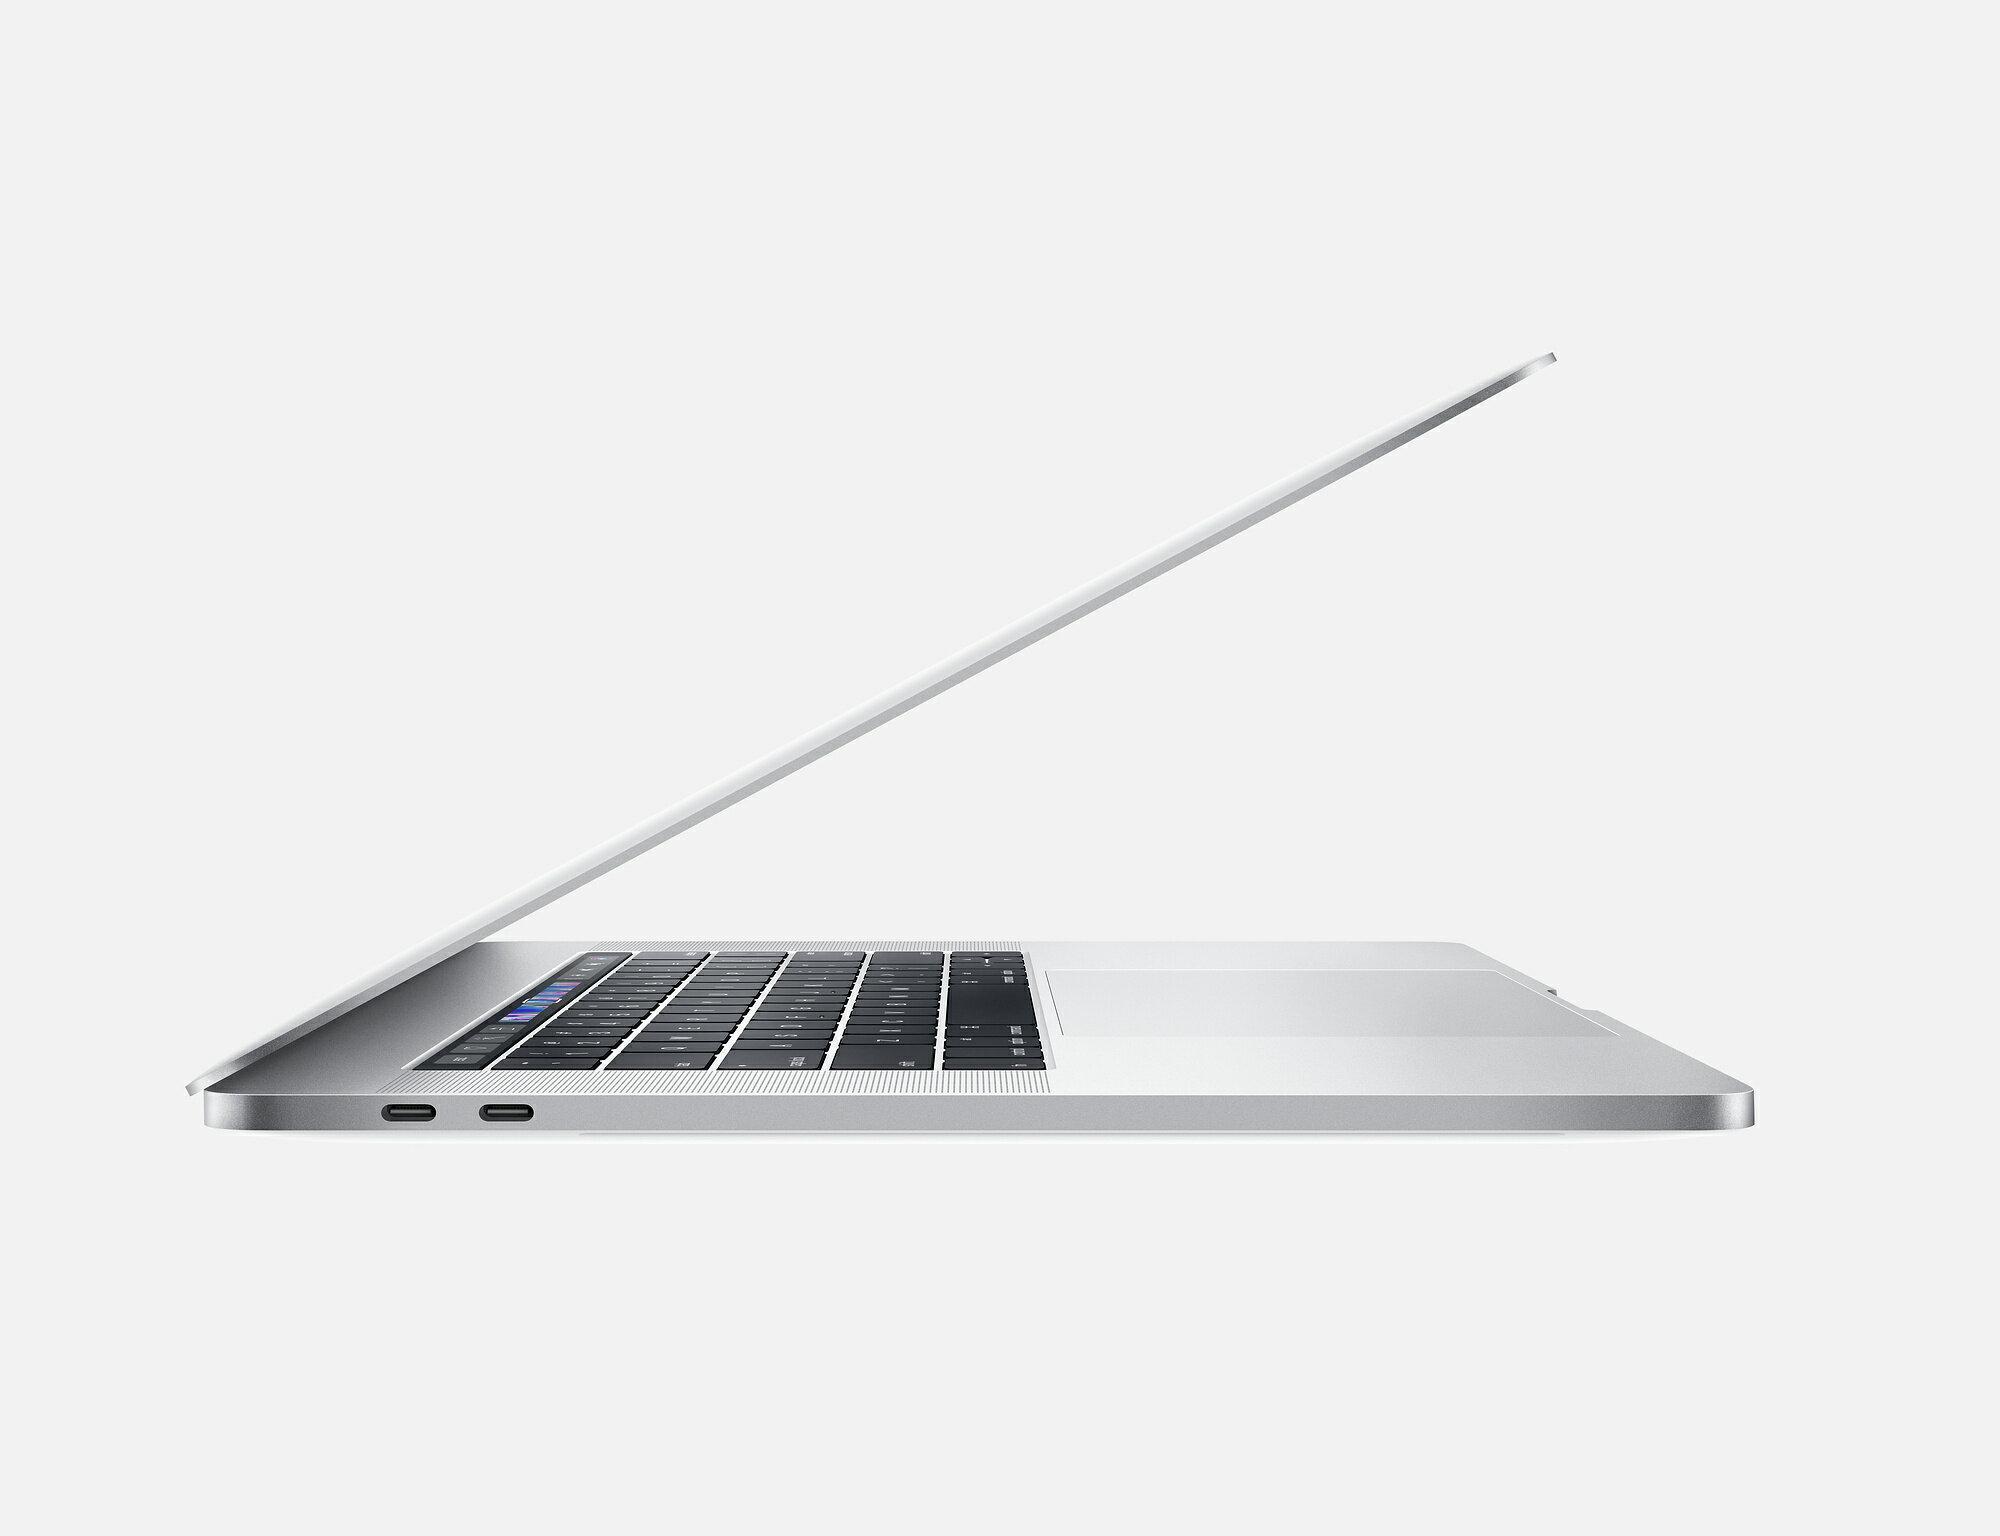 ★限時9折★ 2018 MacBook Pro 15吋 i7 / 2.6GHz / 16G / 512GB / Touch Bar(銀色) 台灣公司貨 佳成數位 1